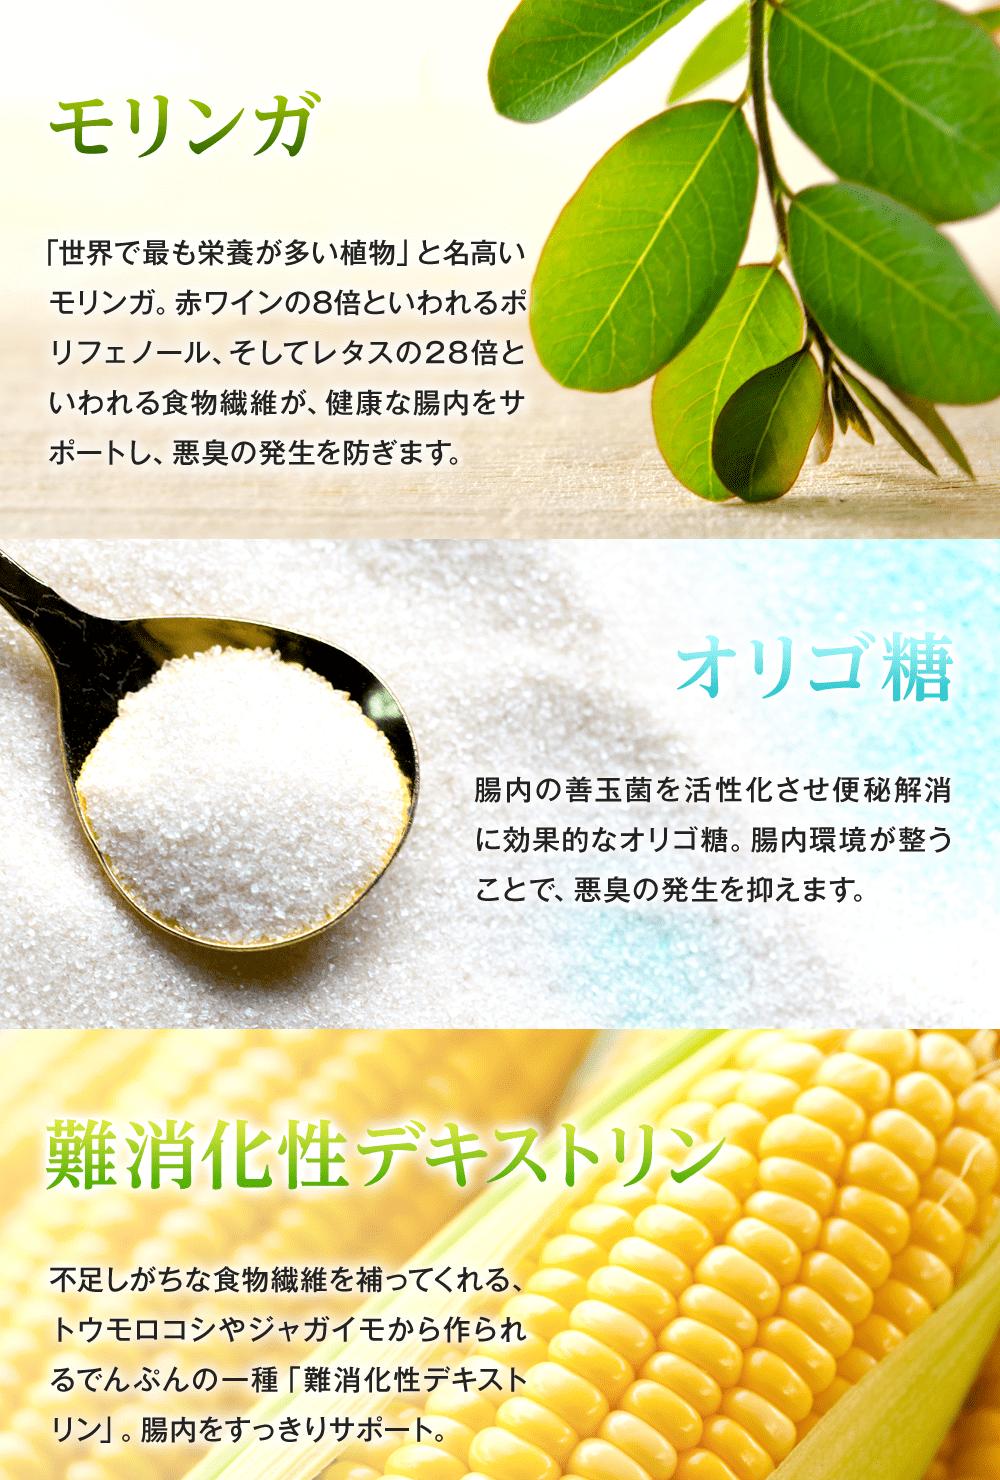 レタスの28倍も食物繊維が含まれるモリンガで健康な腸内をサポート。オリゴ糖で腸内の善玉菌を活性化させて便秘を解消。難消化性デキストリンで不足しがちな食物繊維を補い、腸内をすっきりサポートします!